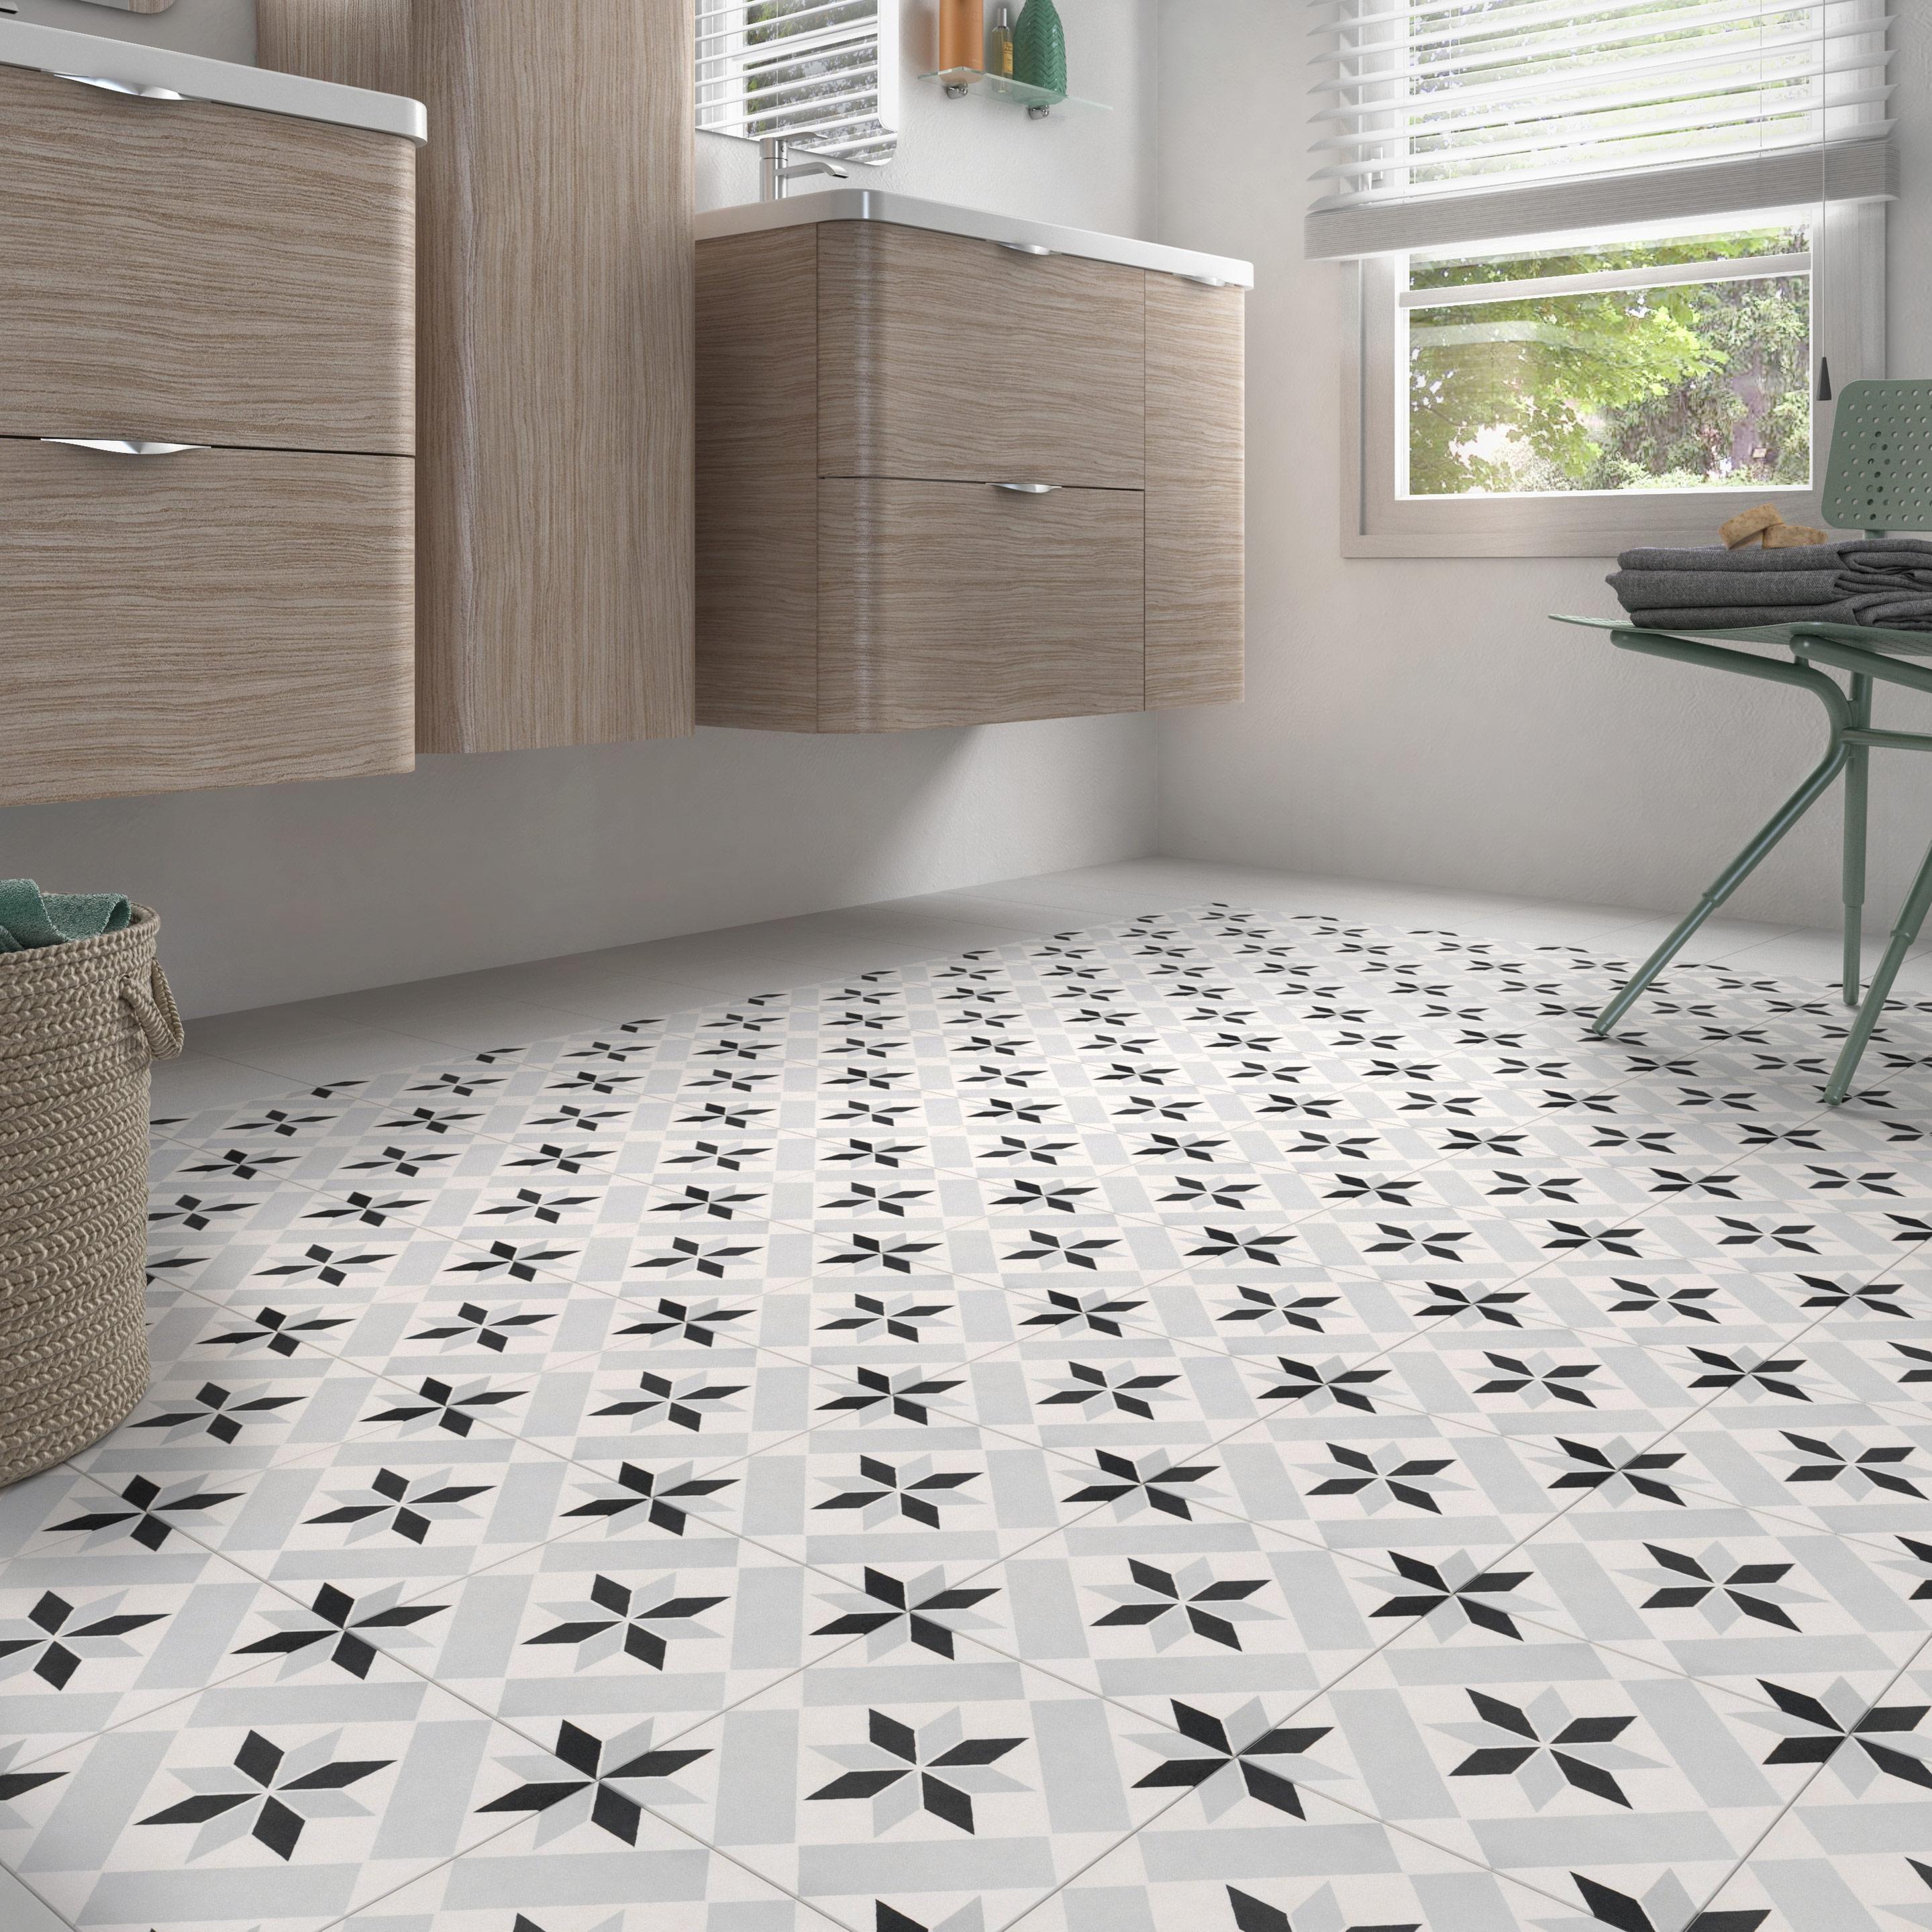 31 Prix Pose Carrelage Sol Leroy Merlin In 2020 Toilet Room Decor Creative Bathroom Design Diy Bathroom Decor